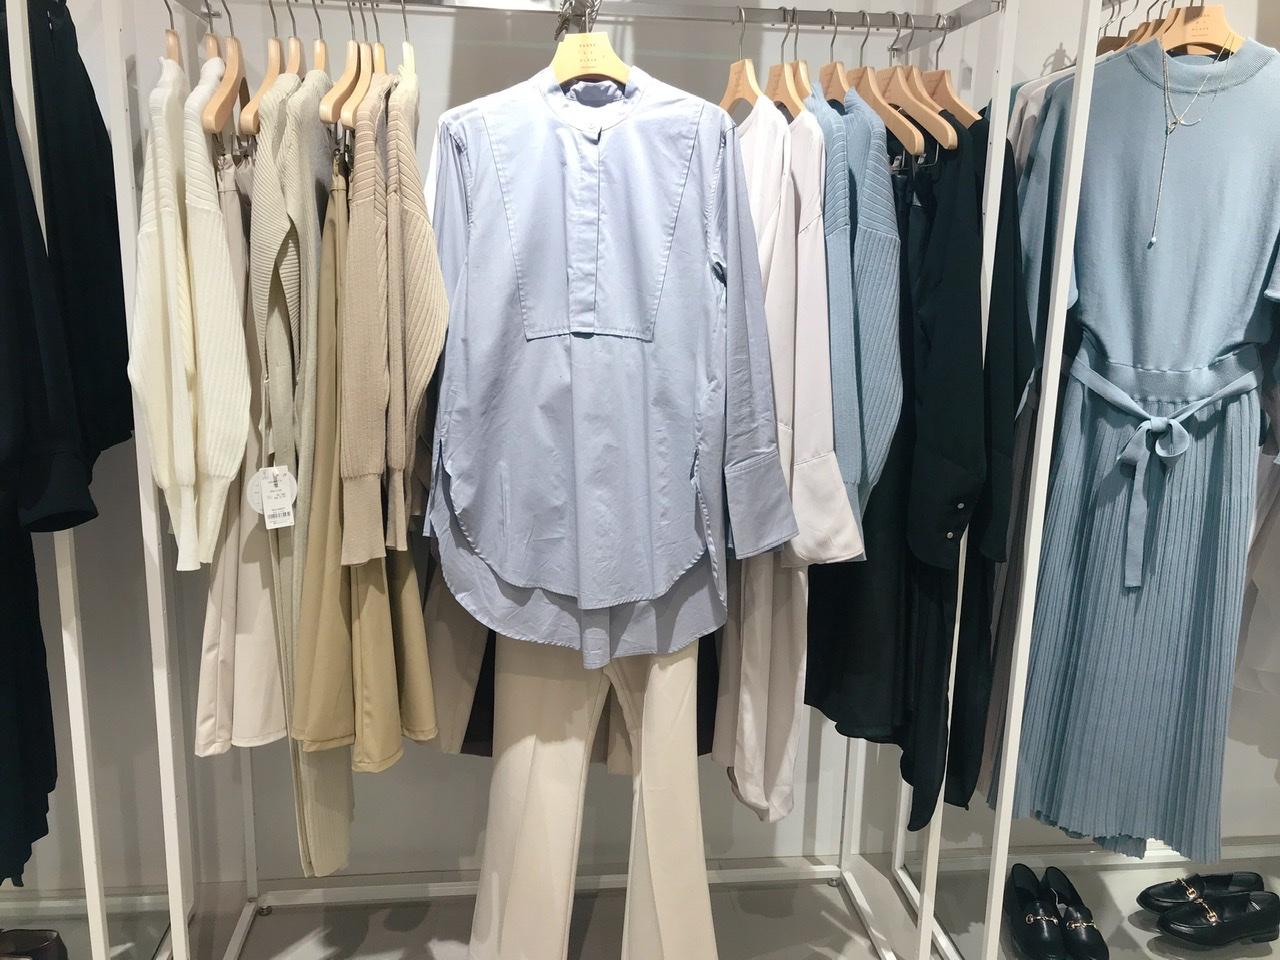 プチプラ服!【センスオブプレイス】の《春色ドレスシャツ》が可愛い♡⋈_1